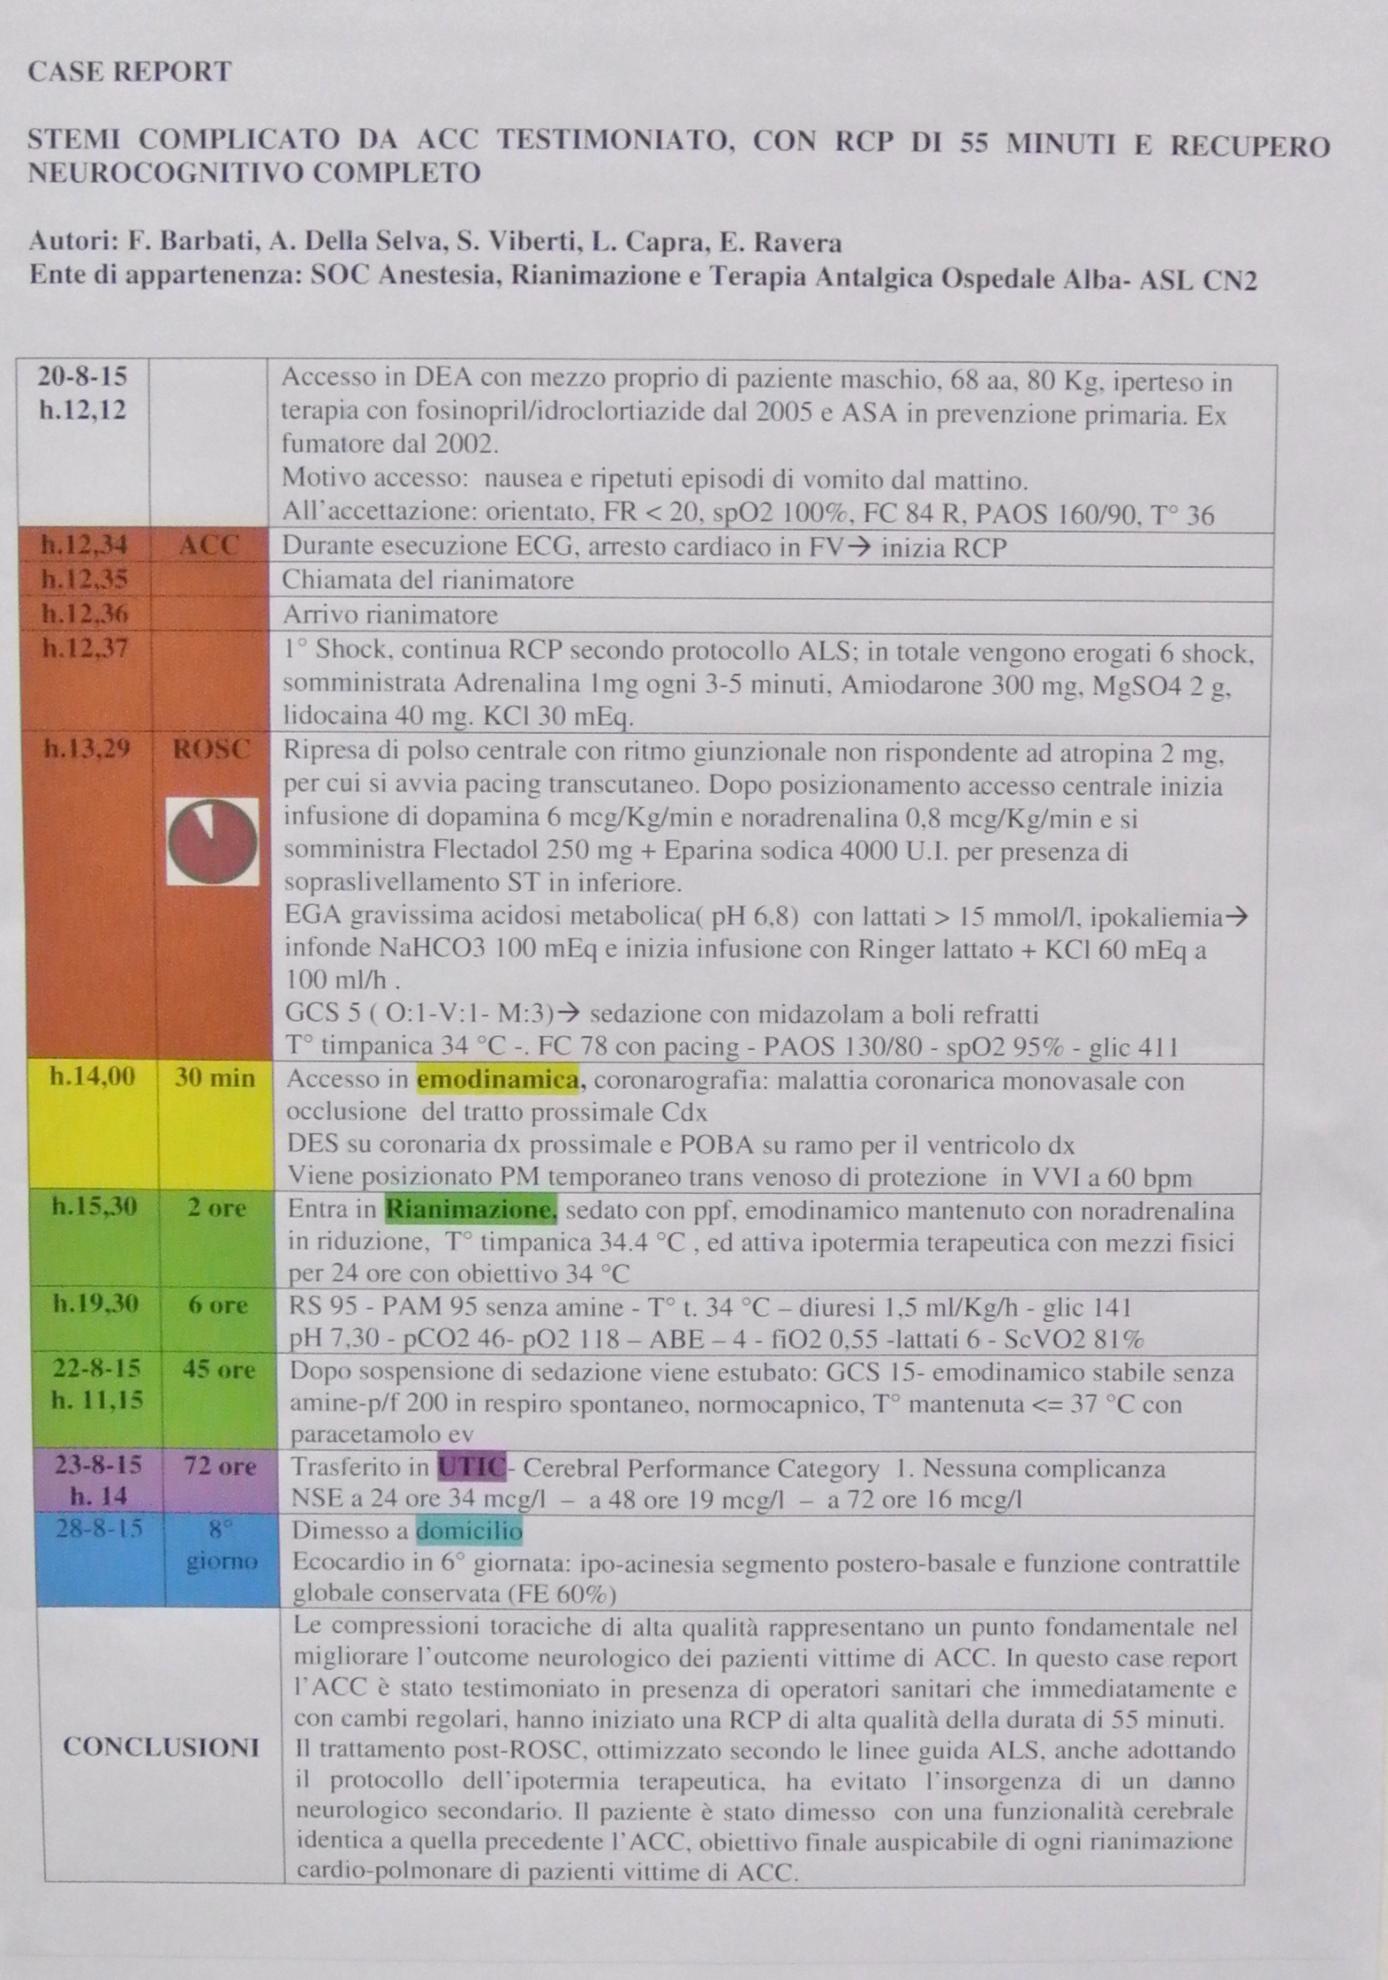 03-stemi-complicato-acc-rcp-55min-rosc-neuro-completo-barbati-dellaselva-viberti-capra